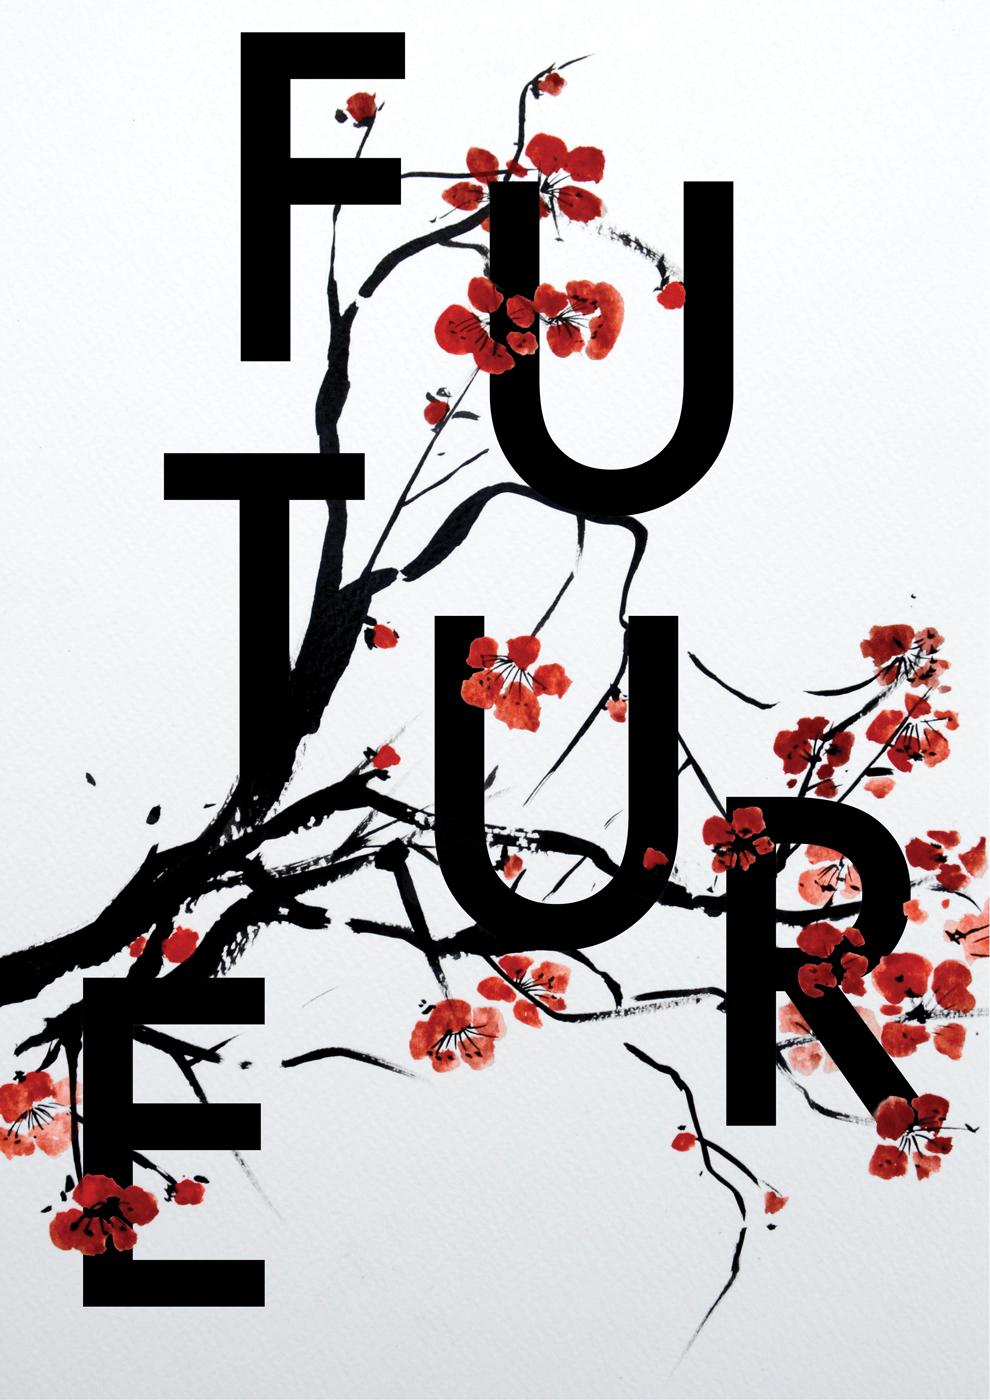 futureposter